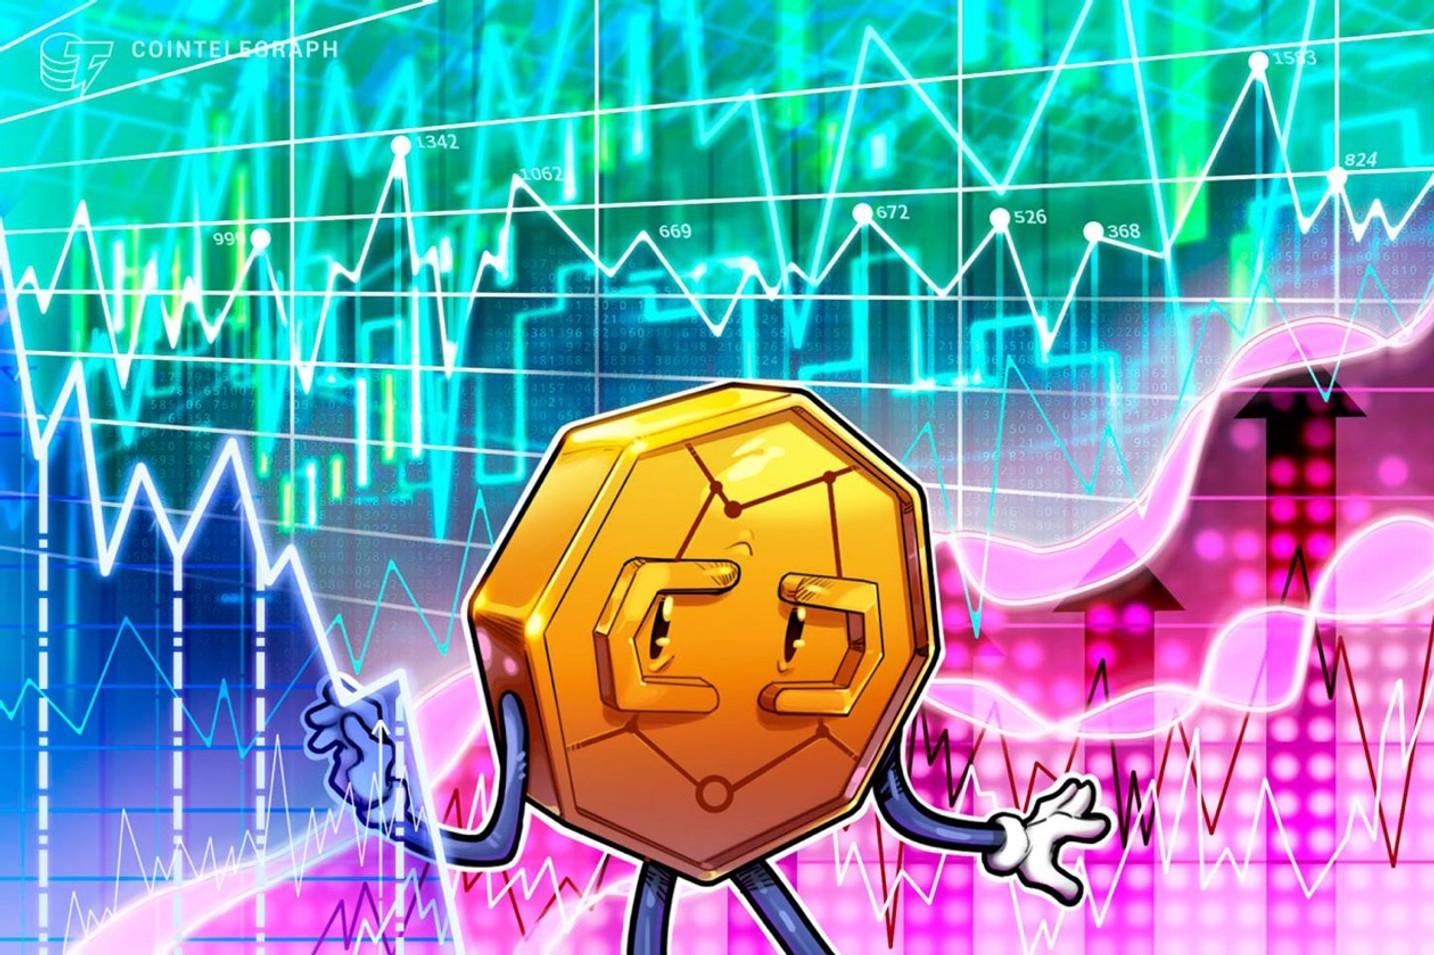 OTC取引における買い手増加は強気相場復活への期待?BTC相場は一時44万円台半ばをつける 仮想通貨ビットコイン相場市況(1月9日)